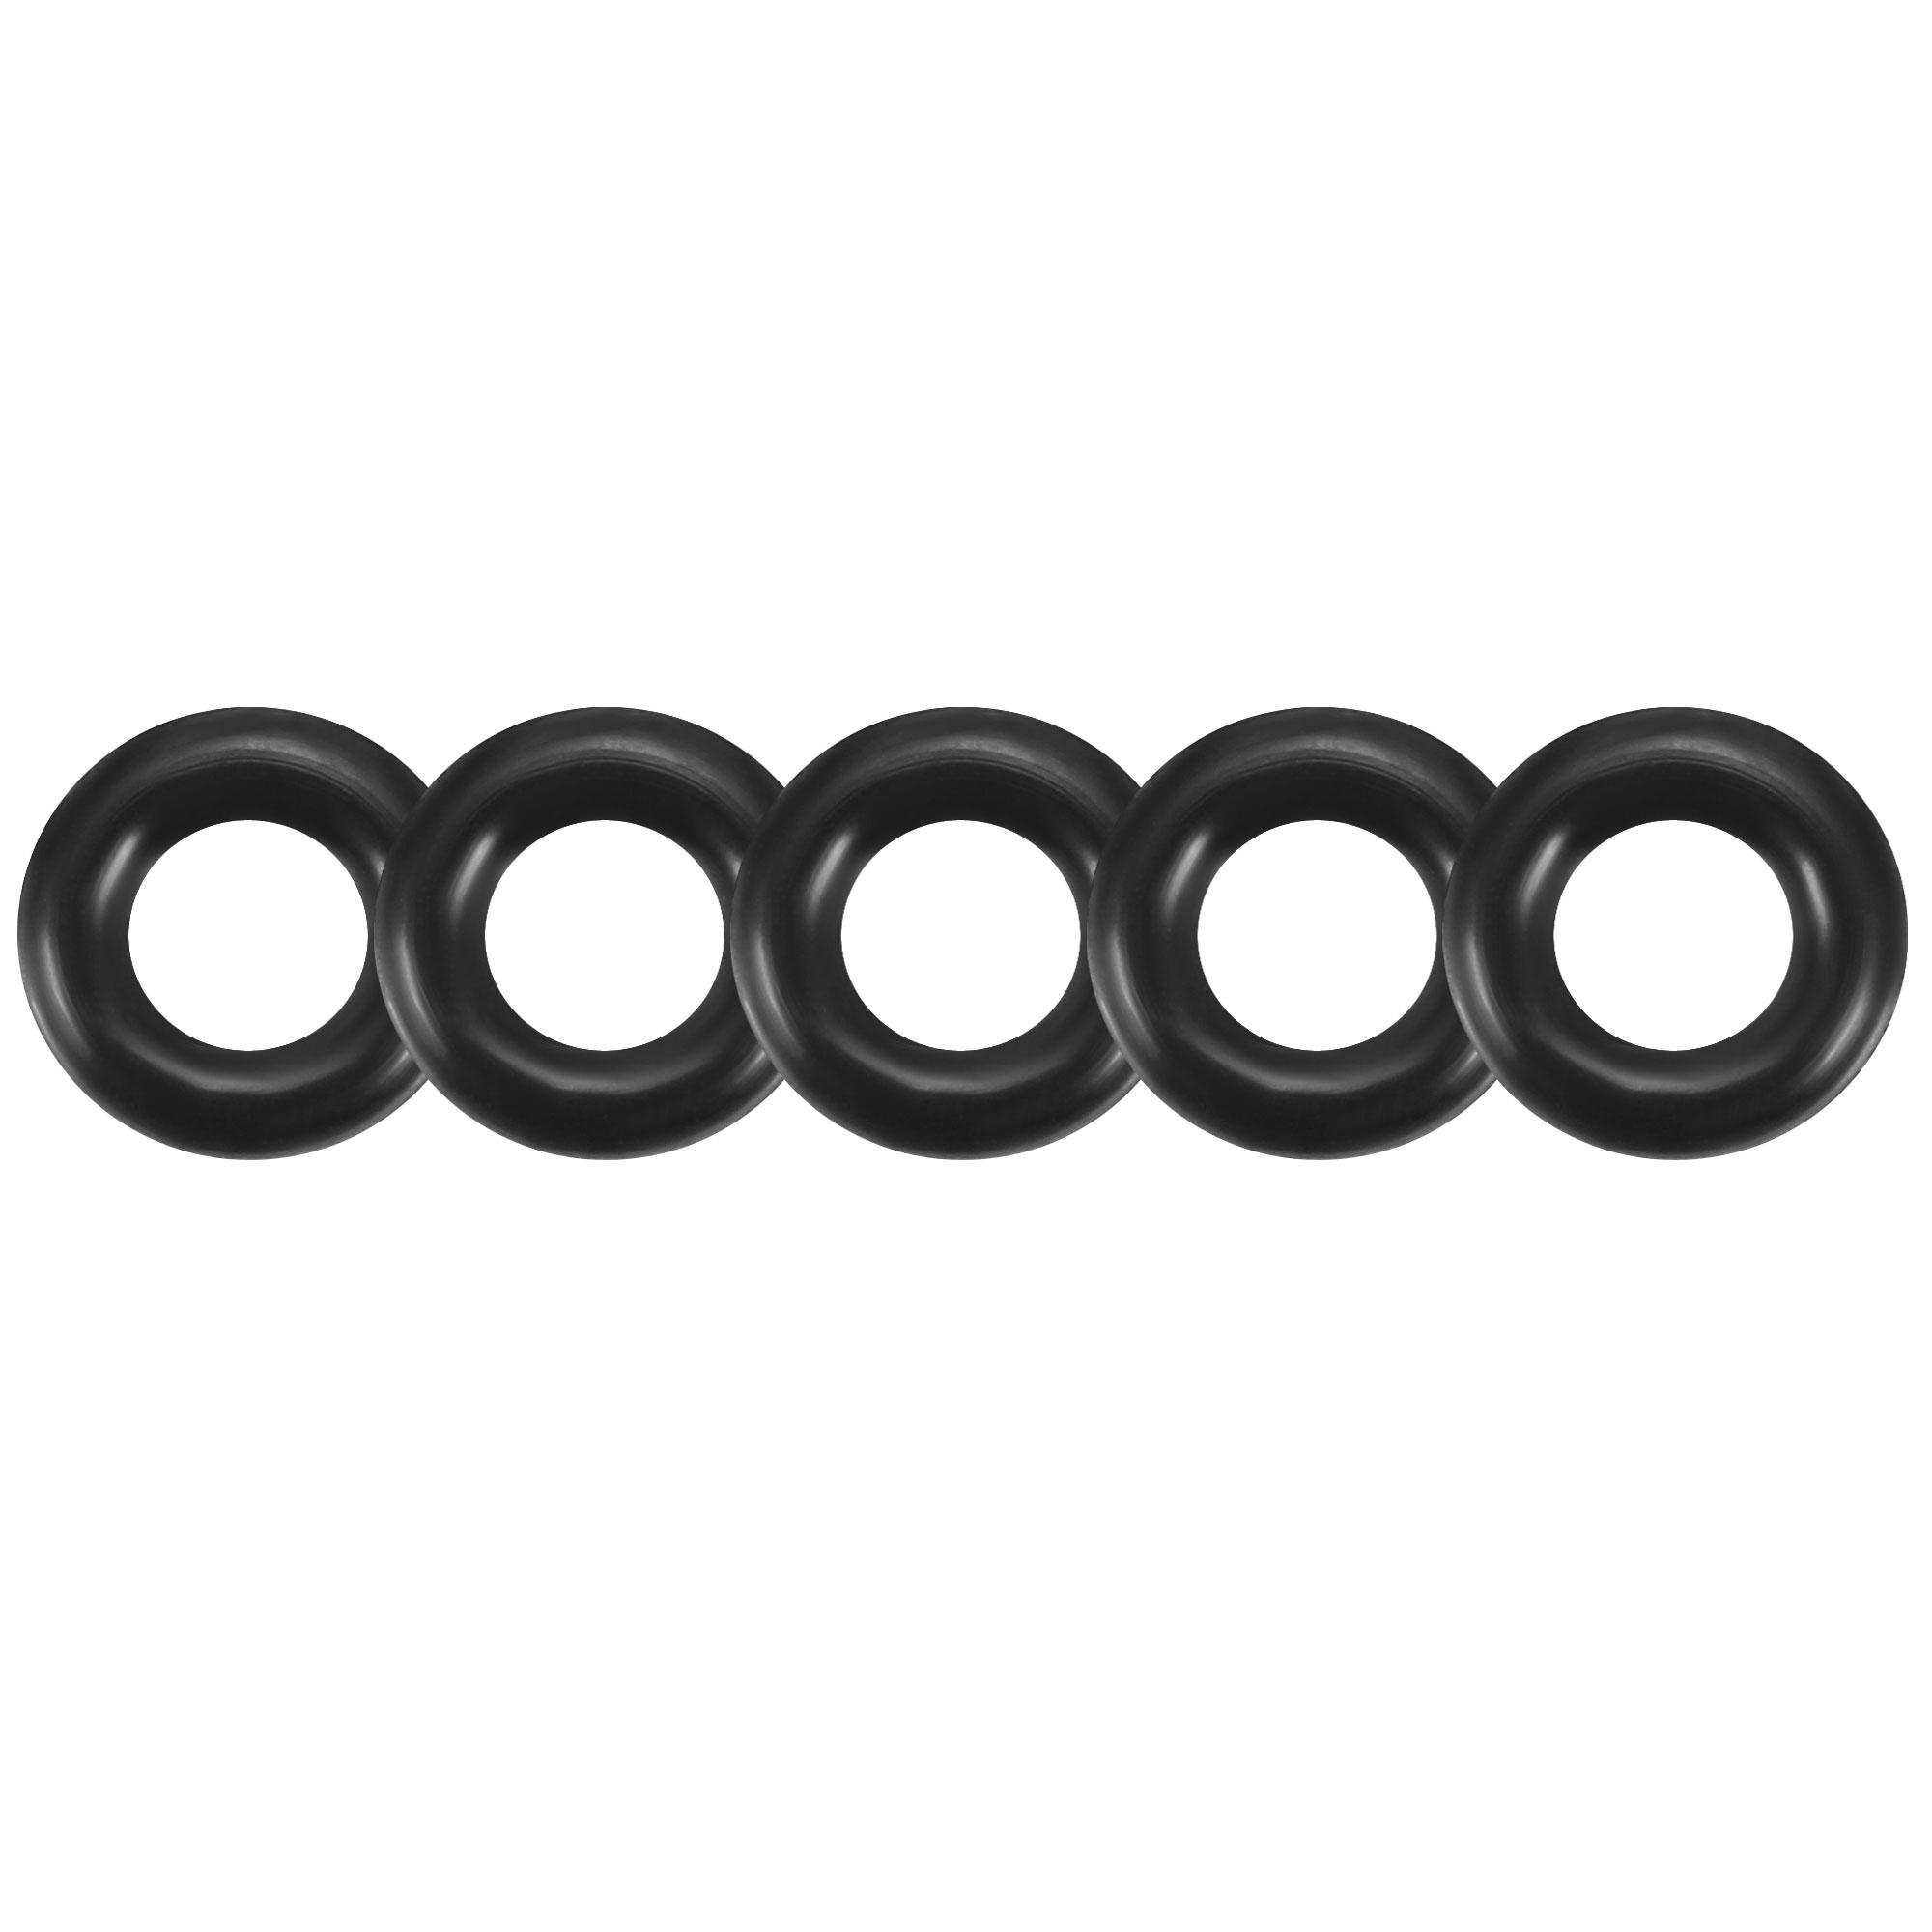 30pcs Black Nitrile Butadiene Rubber NBR O-Ring 3.15mm Inner Dia 1.8mm Width